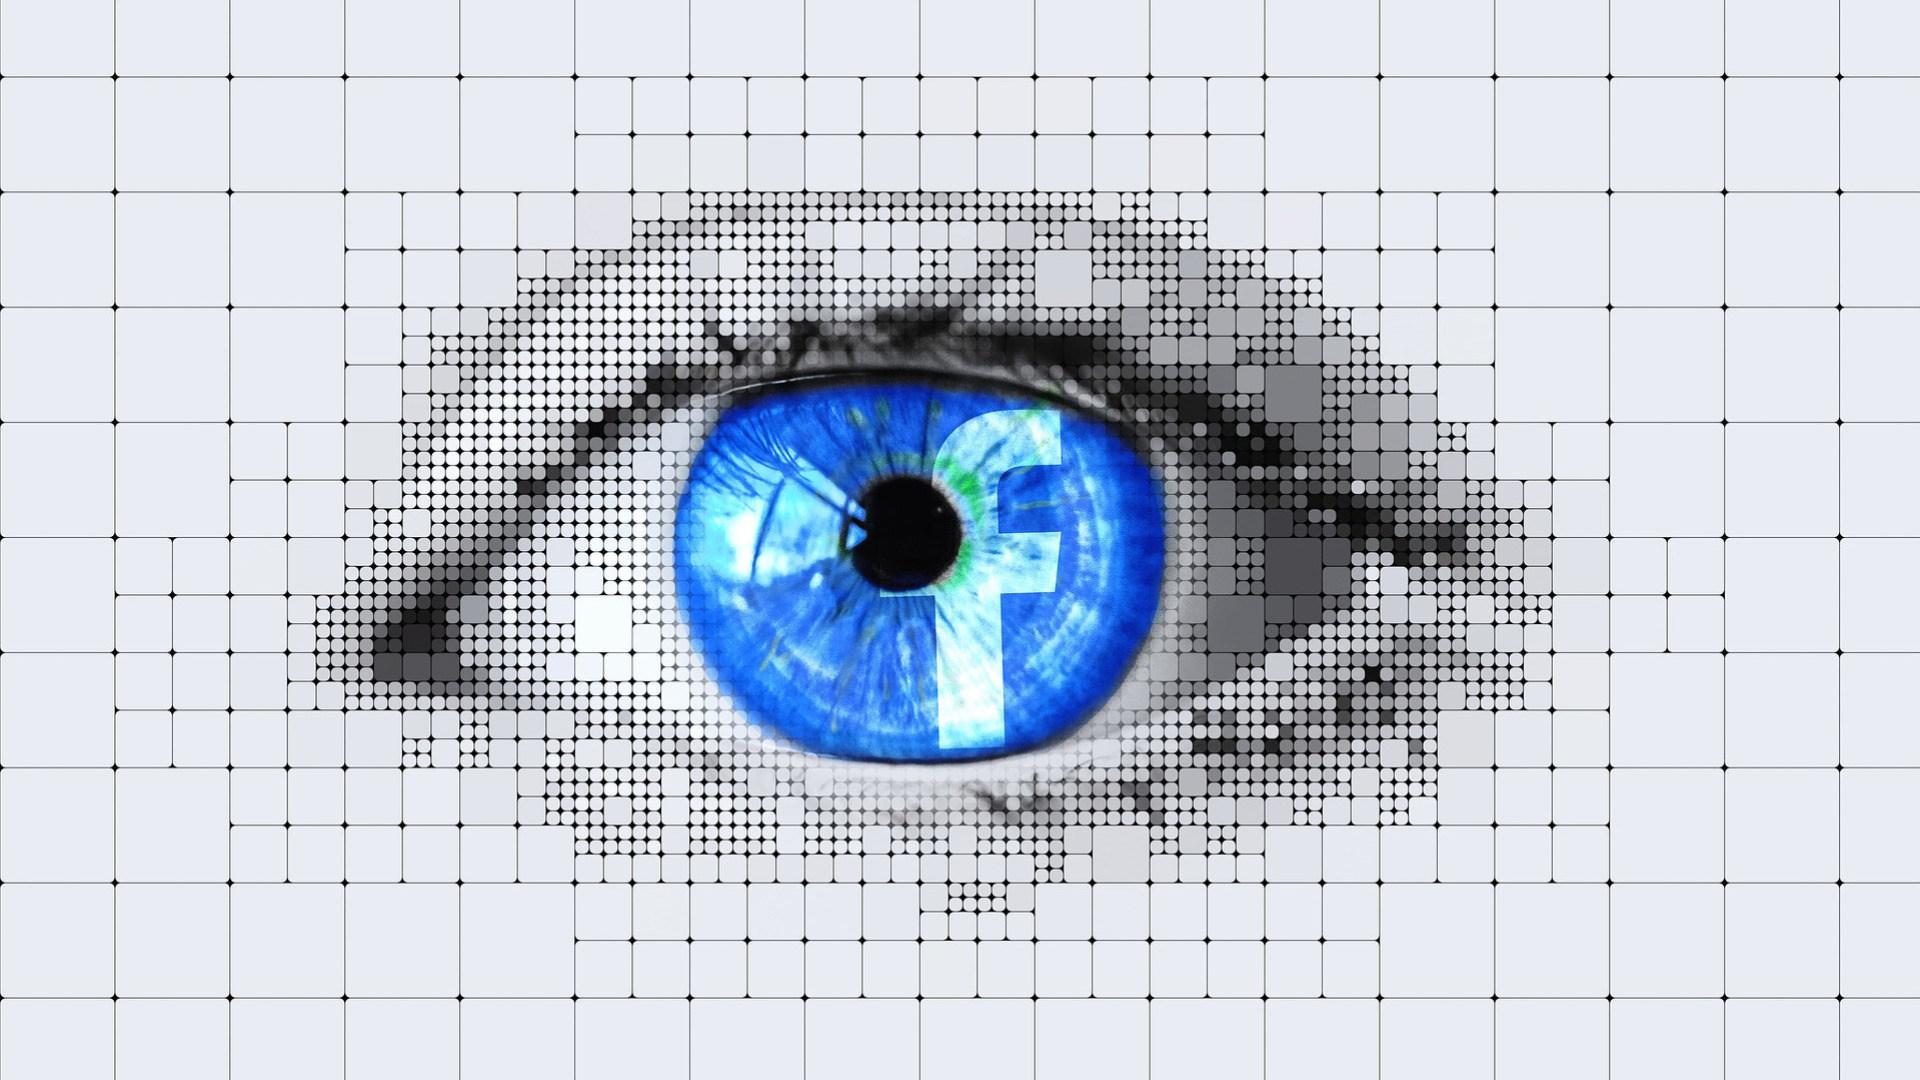 Facebook, Logo, Datenschutz, Social Network, soziales Netzwerk, Social Media, Facebook Datenschutz